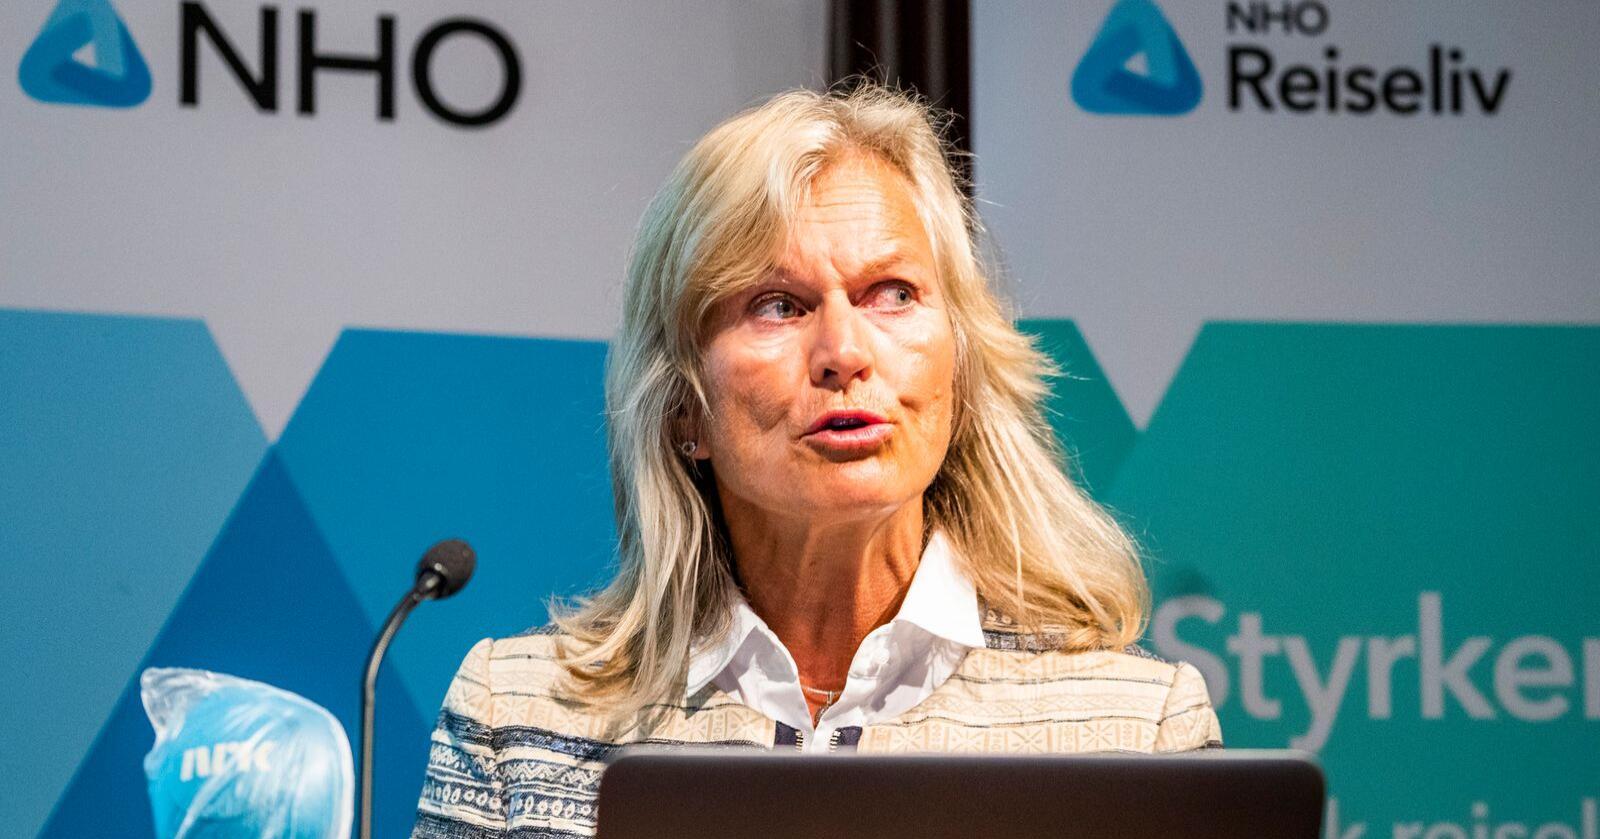 Administrerende direktør i NHO Reiseliv Kristin Krohn Devold under NHO Reiselivs frokostmøte i NHO-bygget på Majorstuen i Oslo tirsdag. Foto: Håkon Mosvold Larsen / NTB